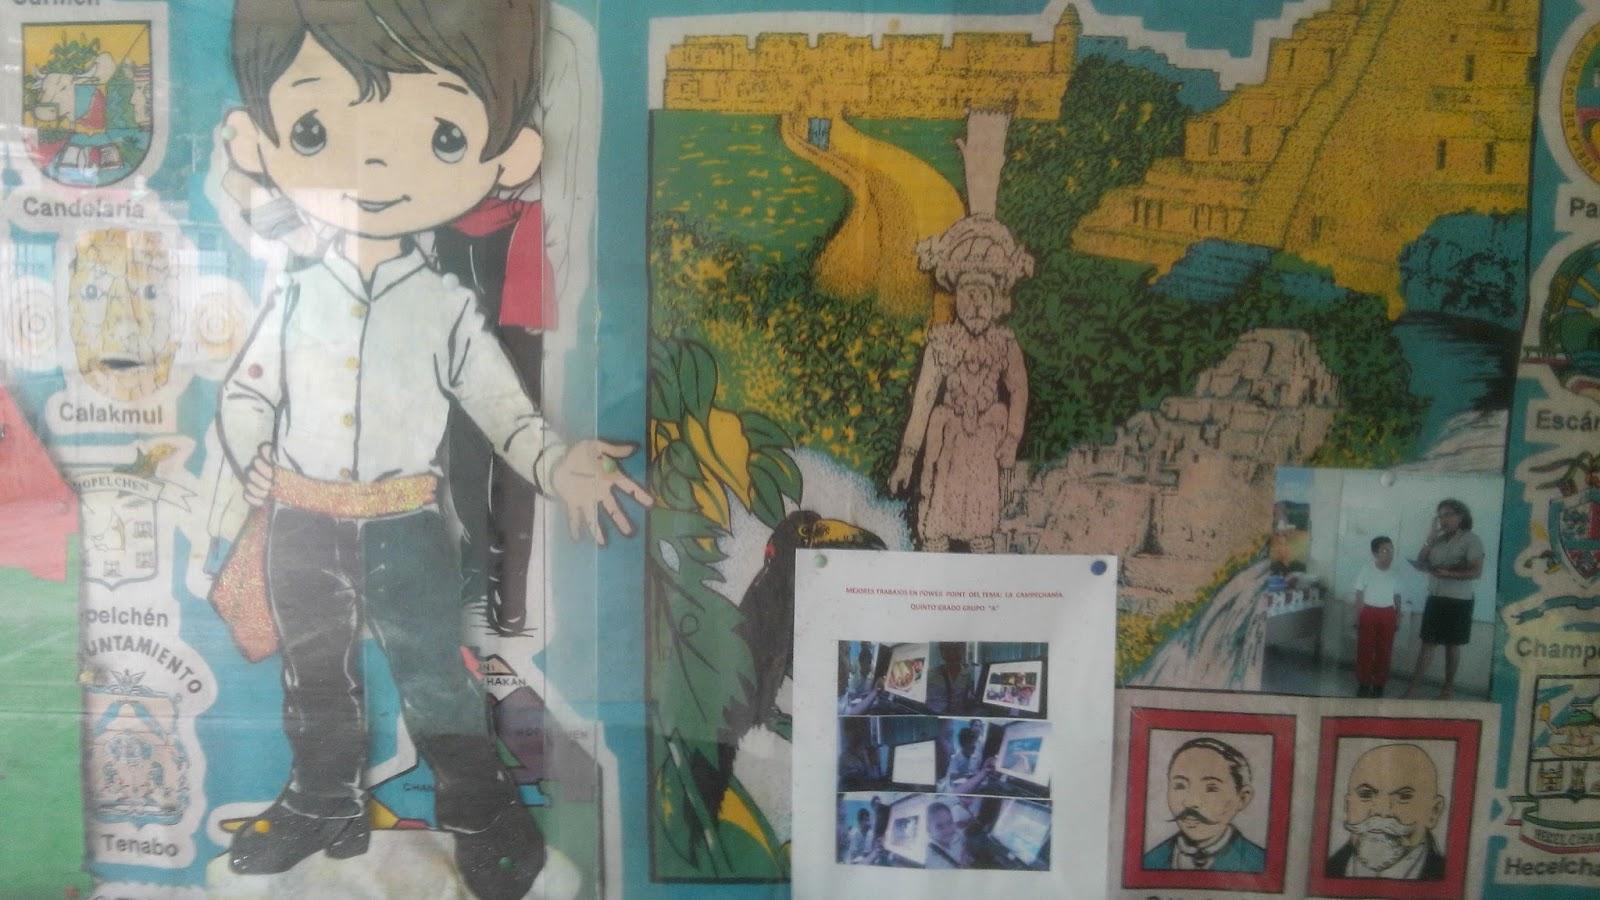 Escuela primaria felipe carrillo puerto seccion 2 for Contenido del periodico mural